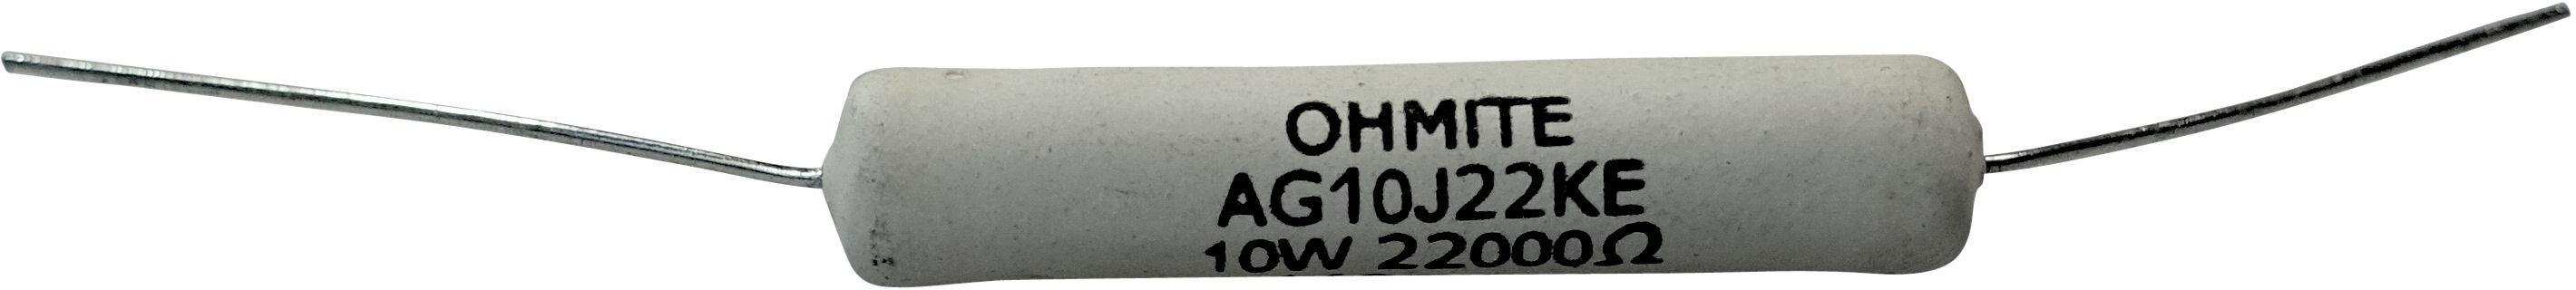 Ohmite Audio Gold 10W - 1,8 Ohm